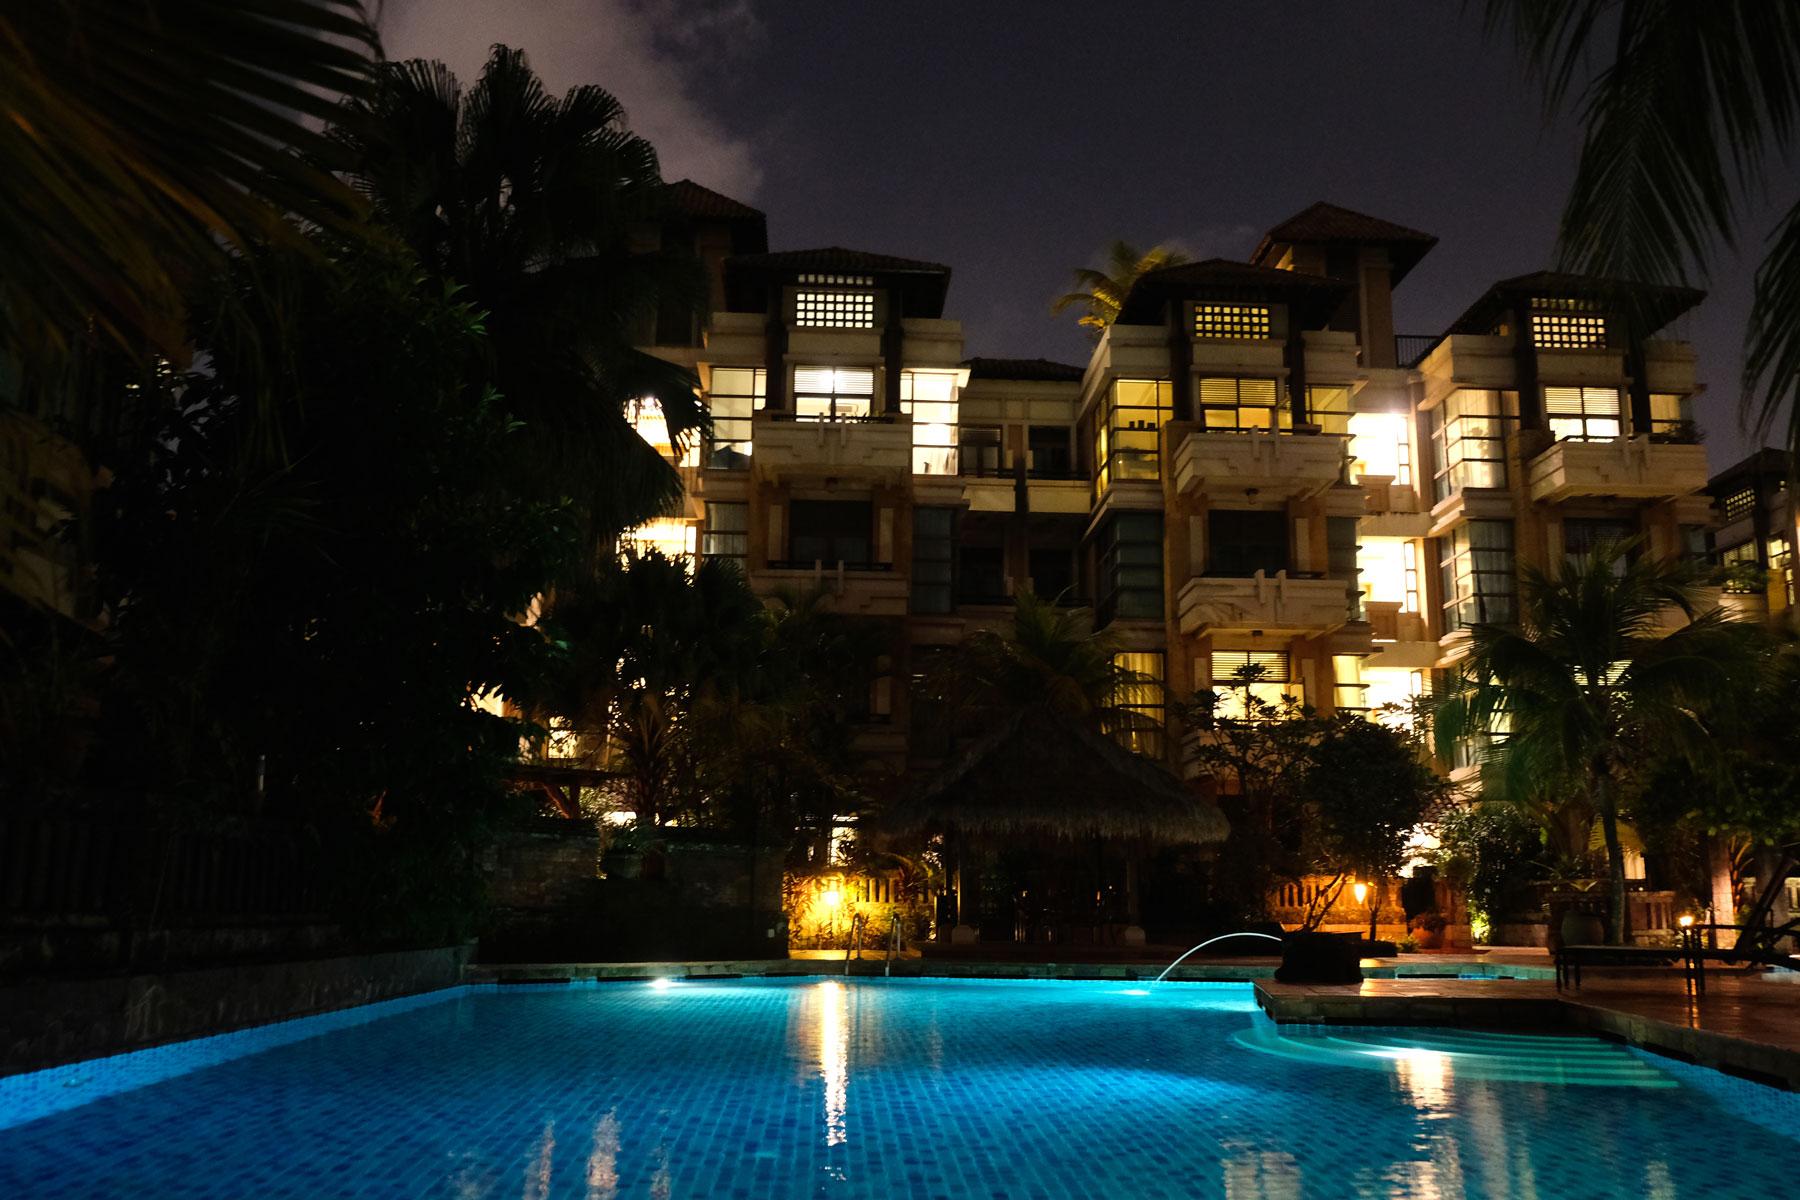 Der beleuchtete Pool in Ankes und Ersins Wohnanlage bei Nacht